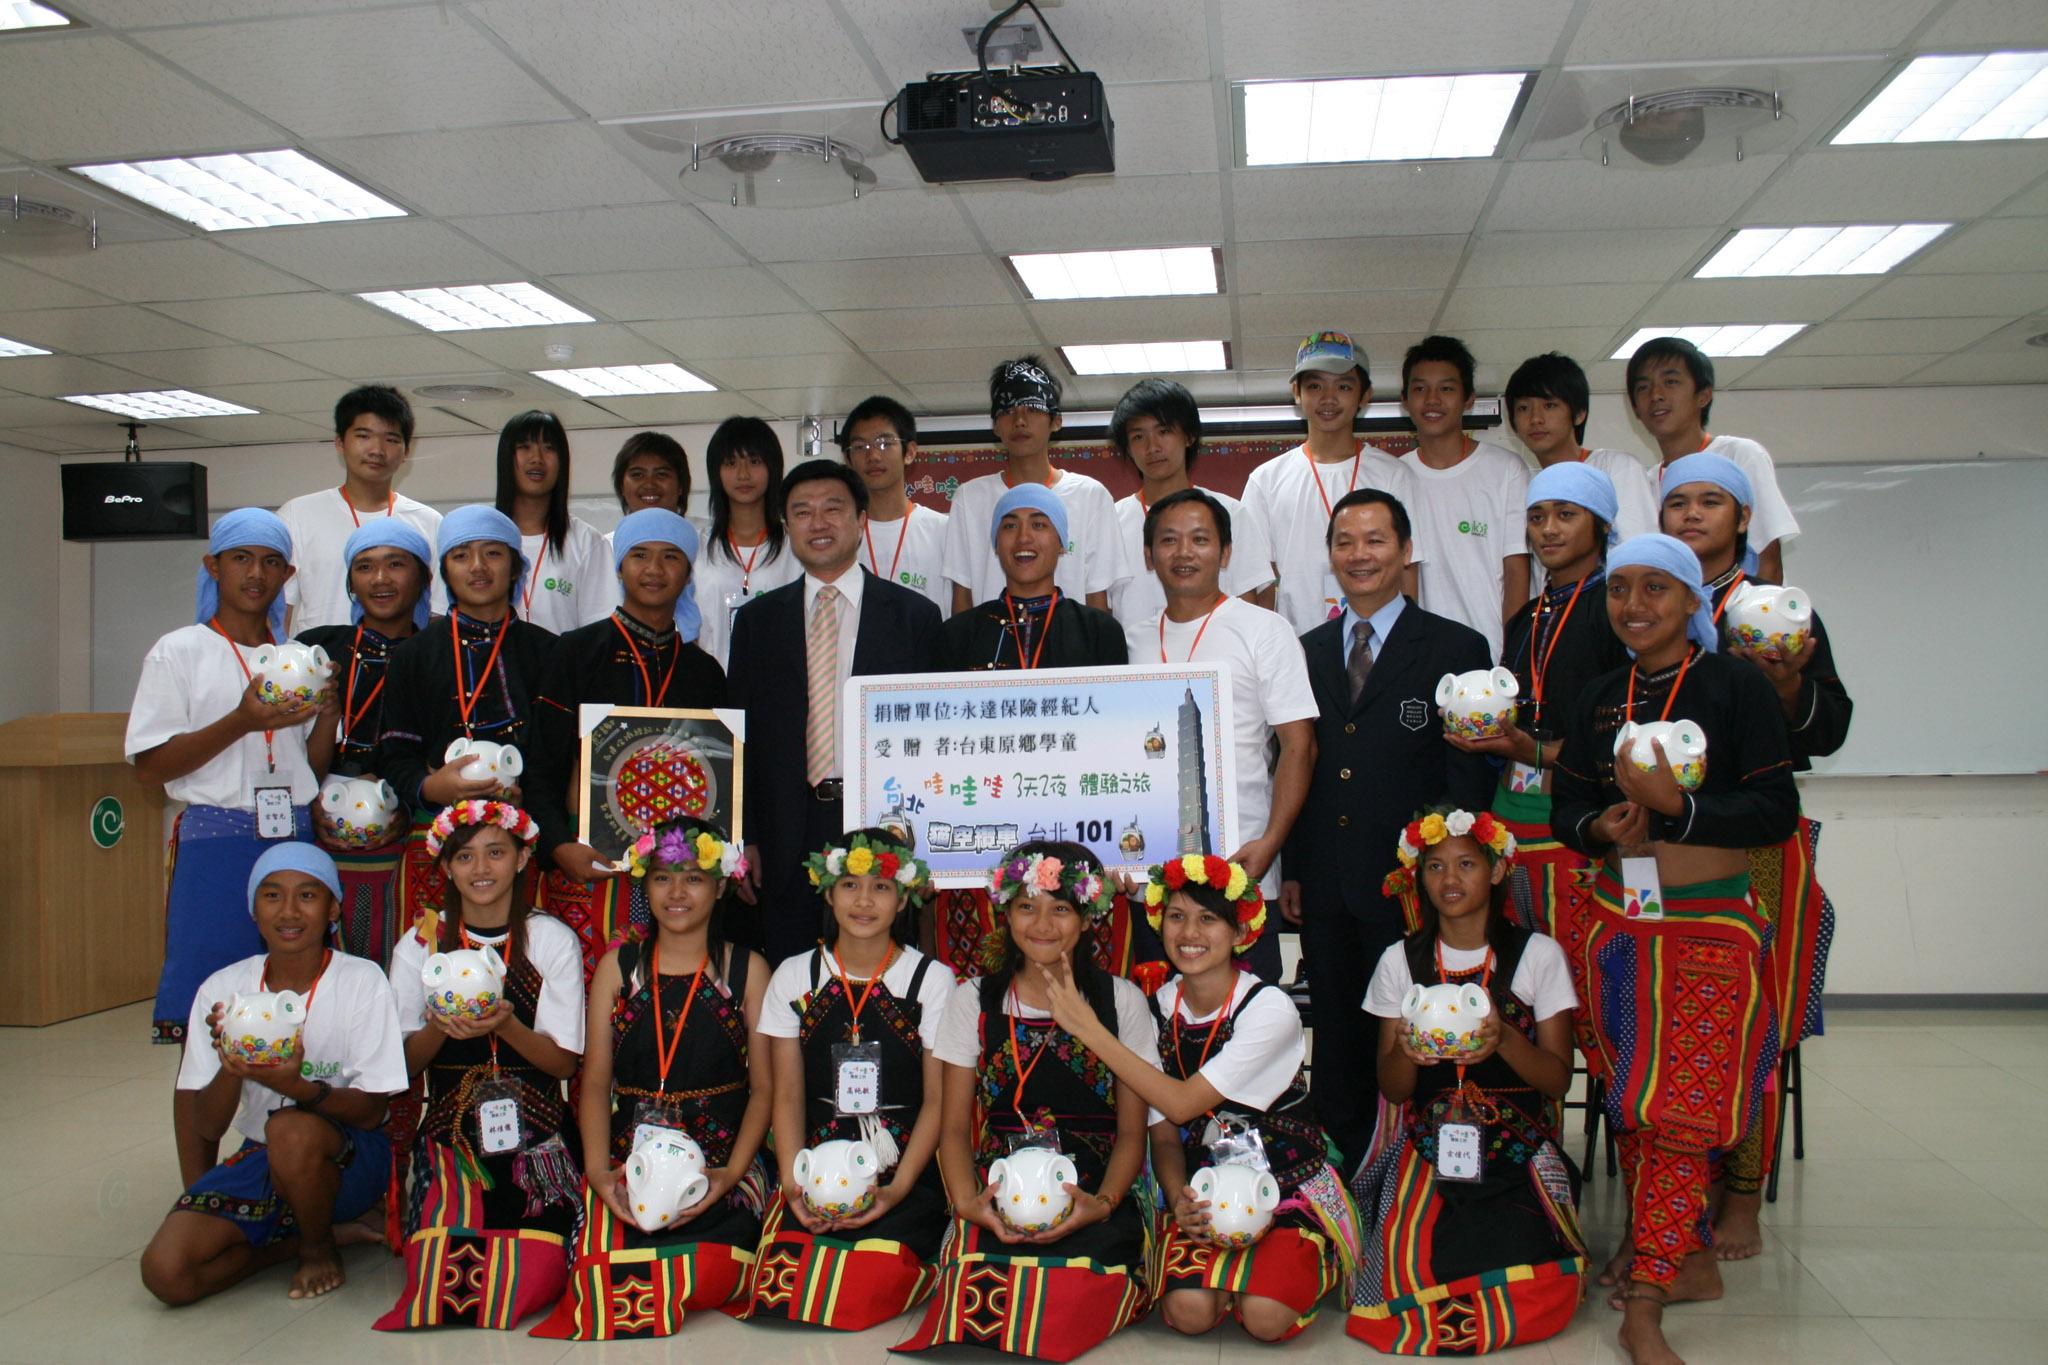 永達吳文永董事長(二排左五)與林明堂副總(二排右三)與學童們合影。